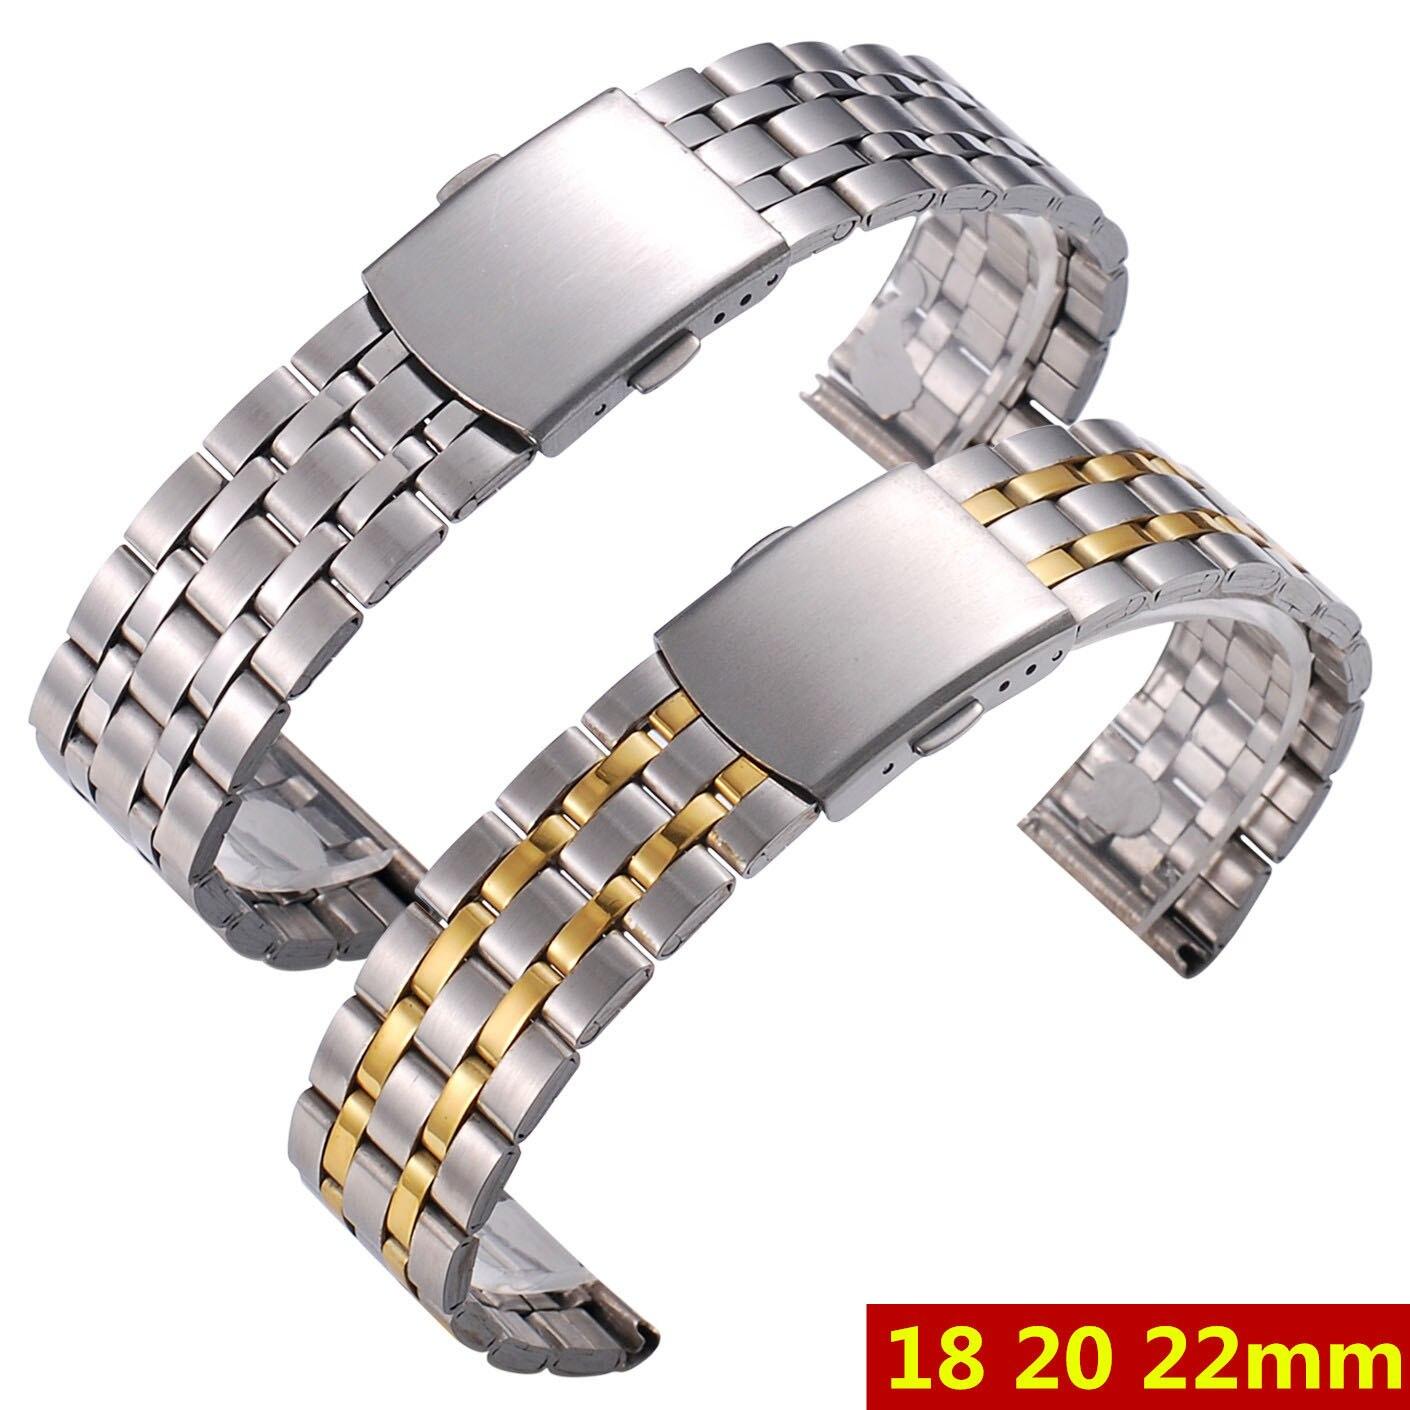 Ремешок из нержавеющей стали для мужских и женских часов, серебристый золотистый браслет с Т-образной застежкой, аксессуары для мужчин и же...